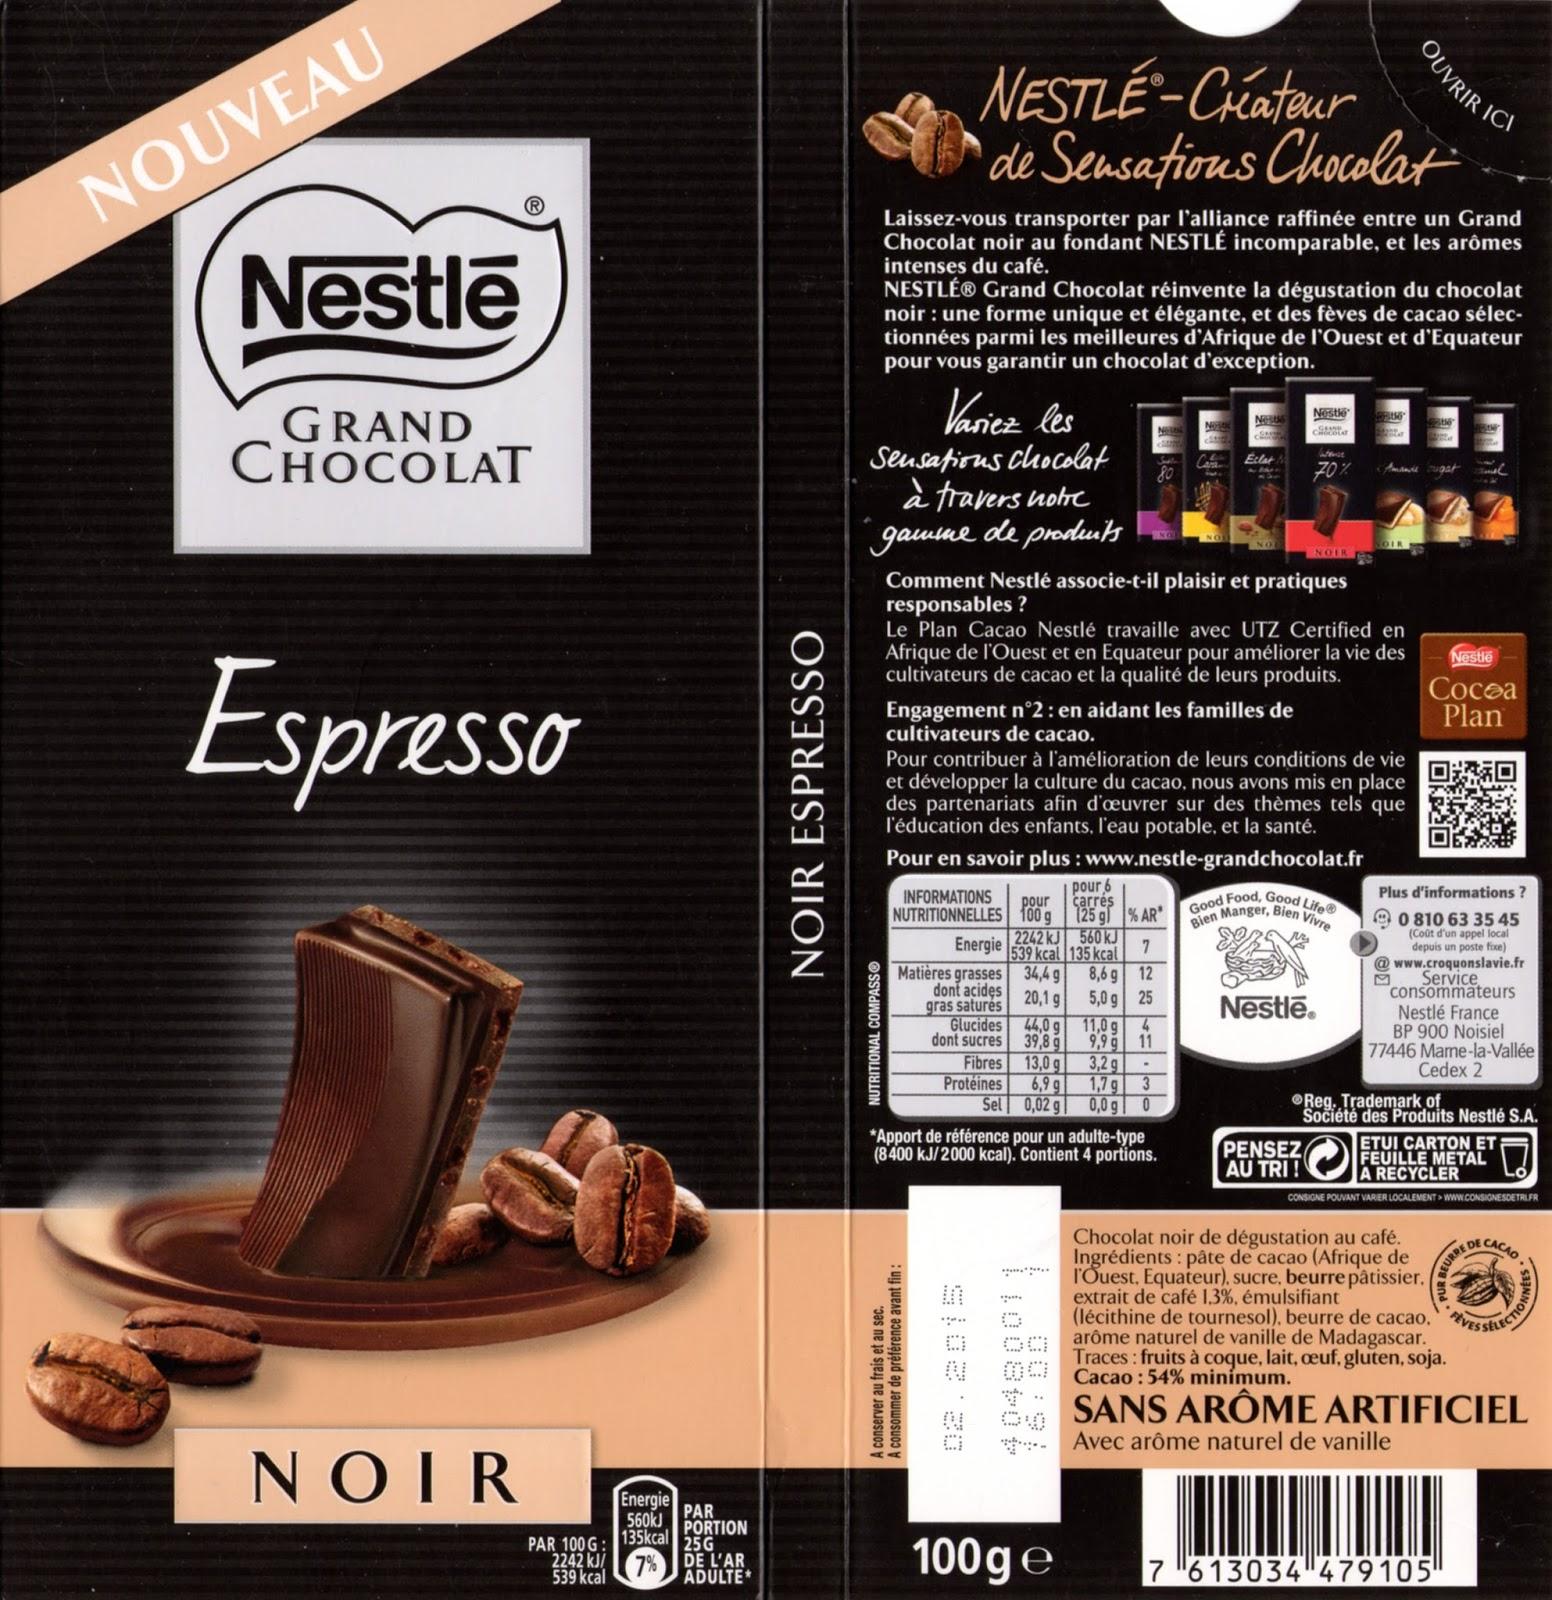 tablette de chocolat noir gourmand nestlé grand chocolat espresso